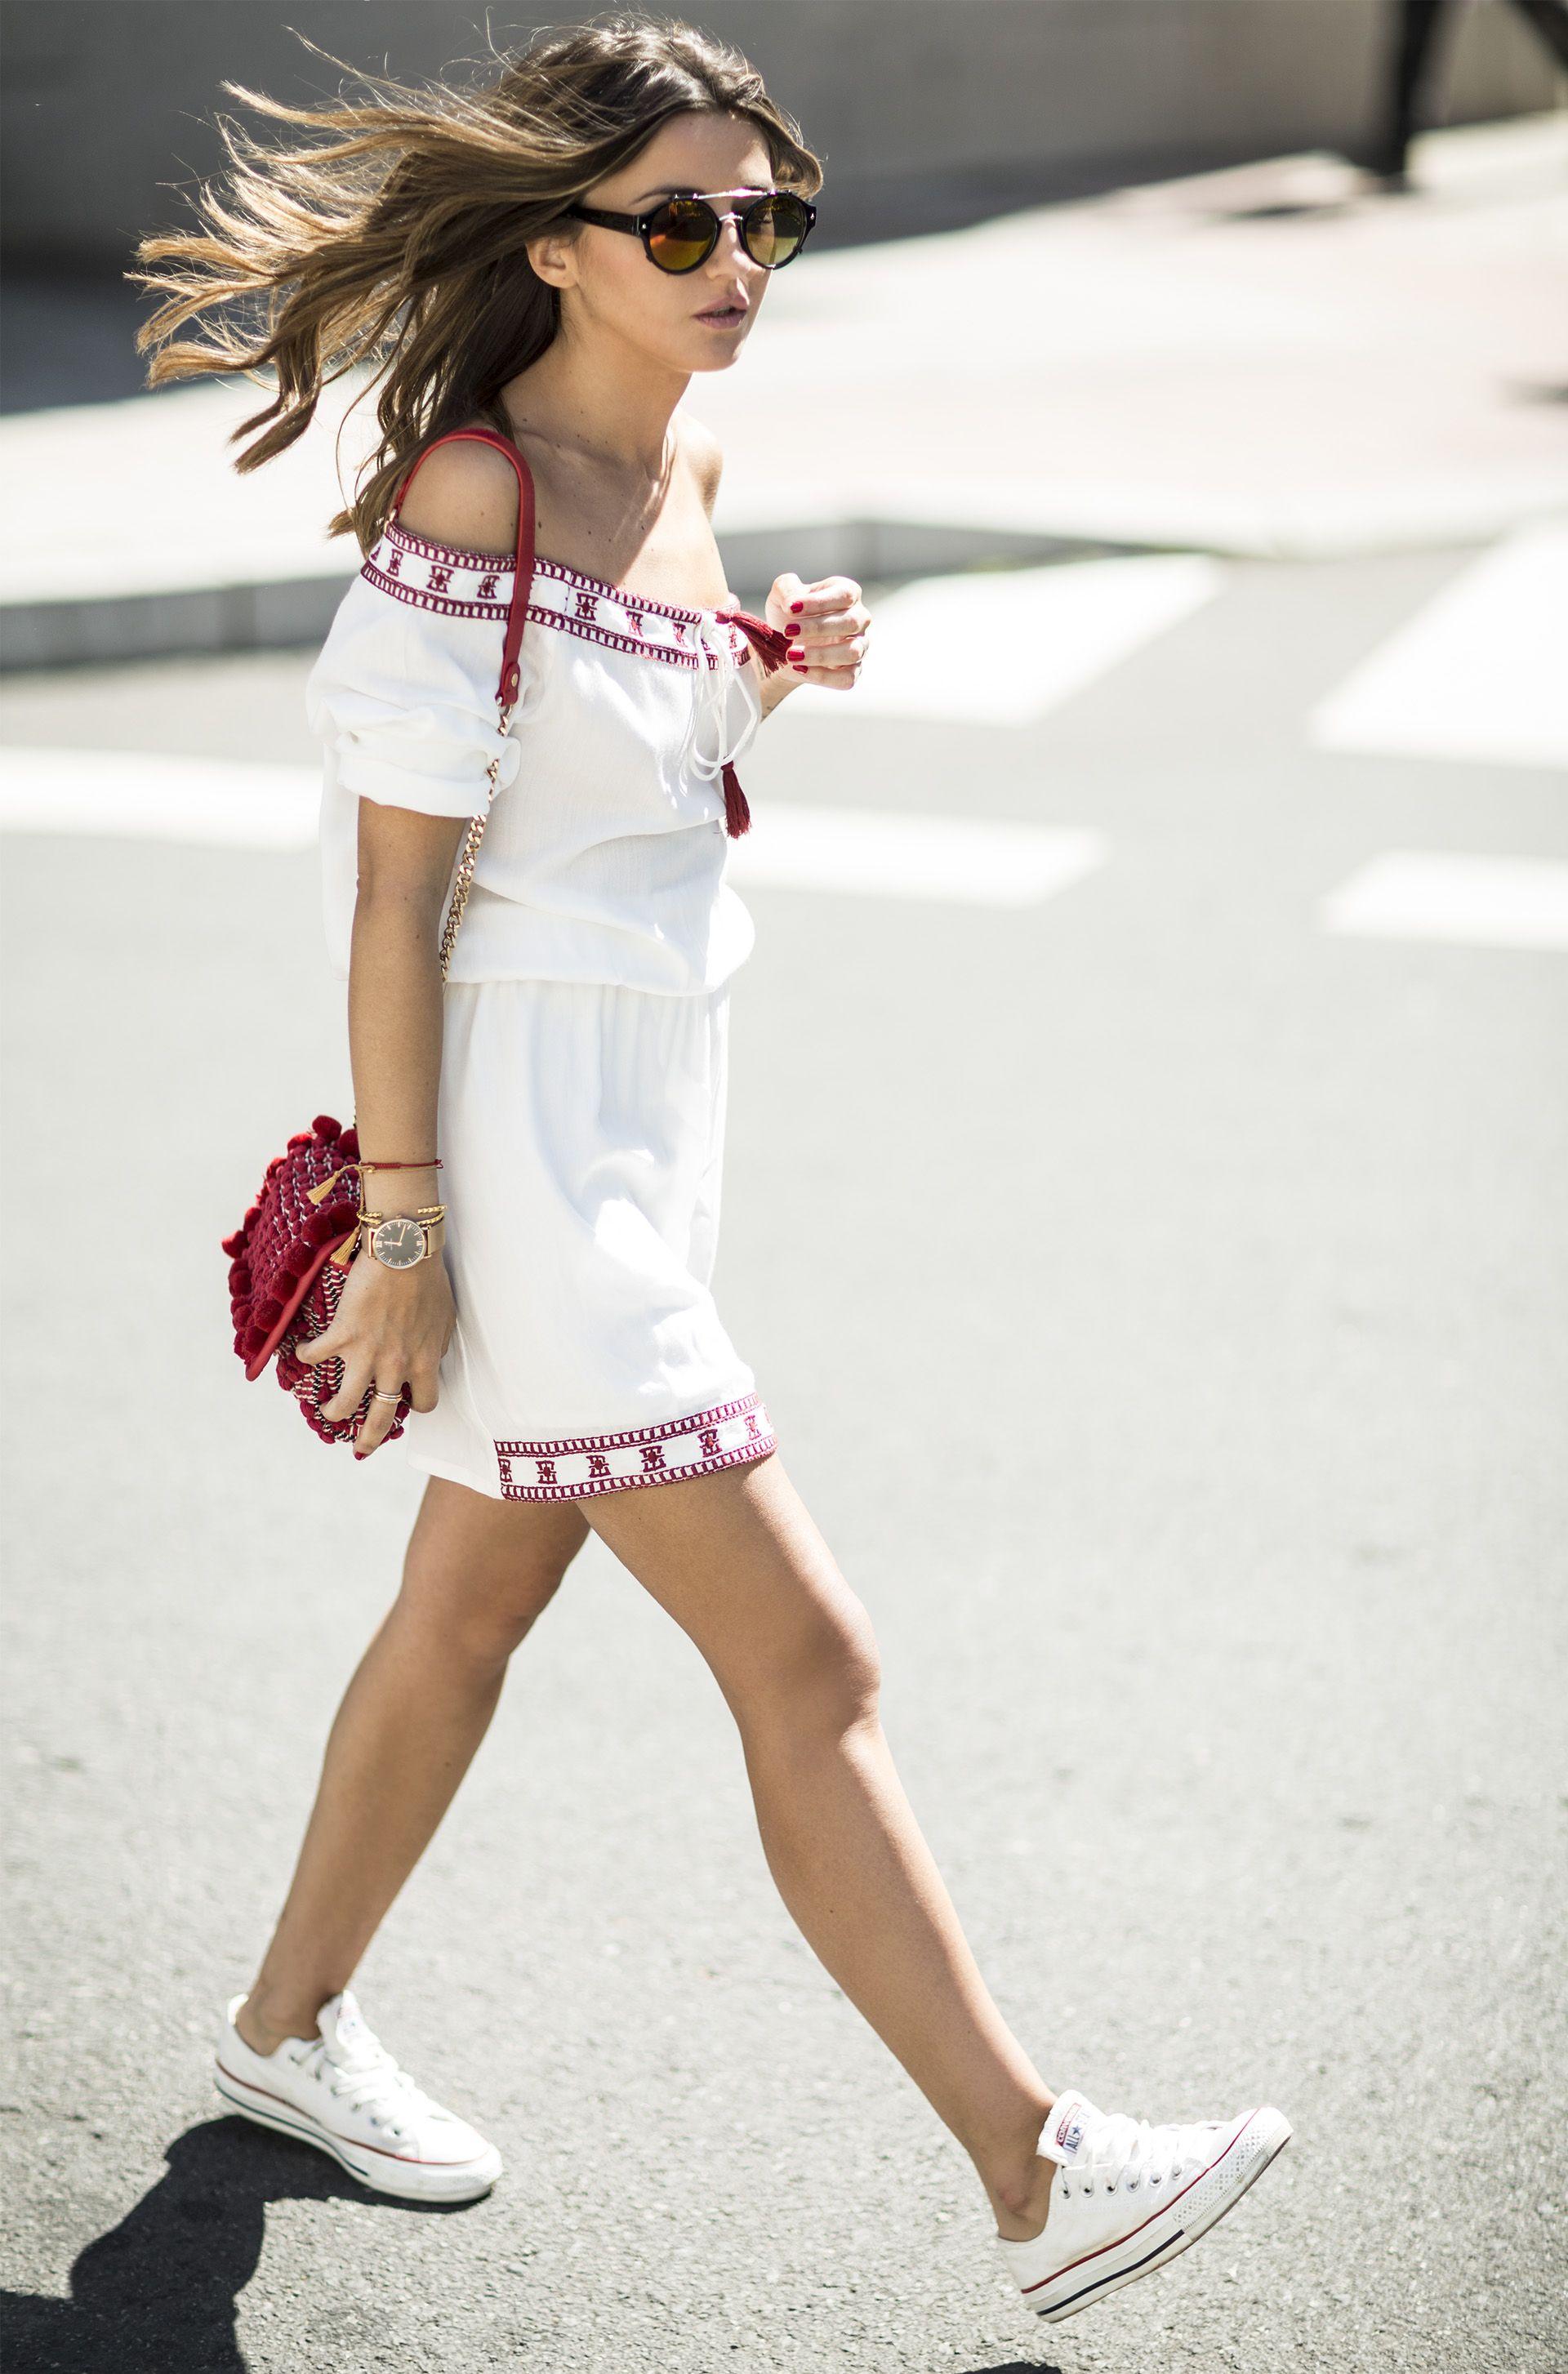 Unas Converse, 45 looks | How to wear converse, Moda y